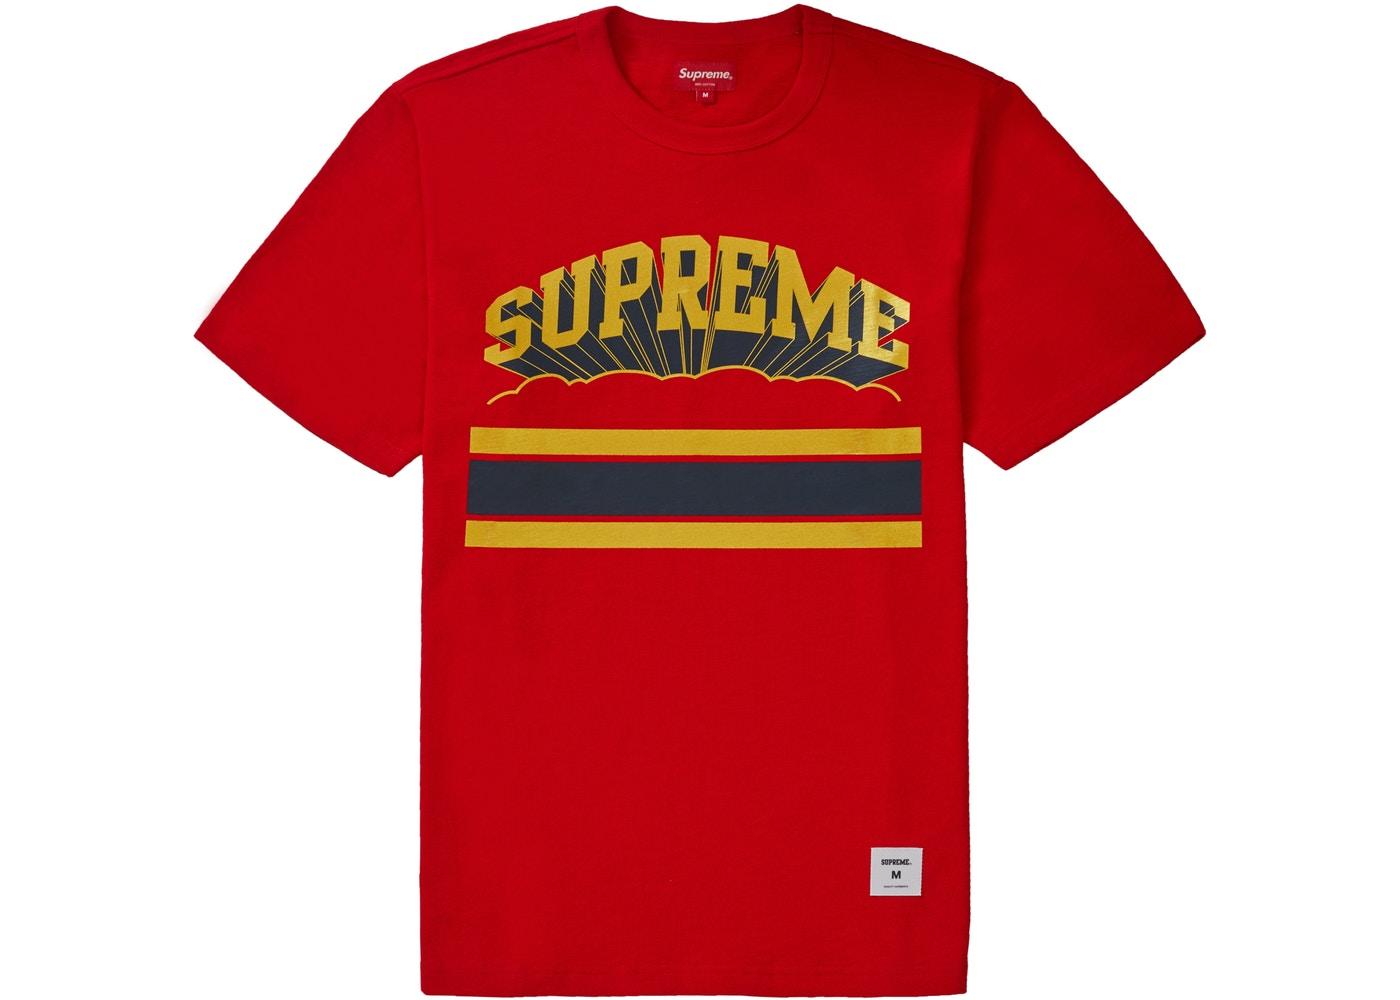 未使用 トレンド Supreme 日時指定 シュプリーム2019ss SUPREME CLOUD ARC TEE 中古 RED Tシャツ 赤 レッド Mサイズ